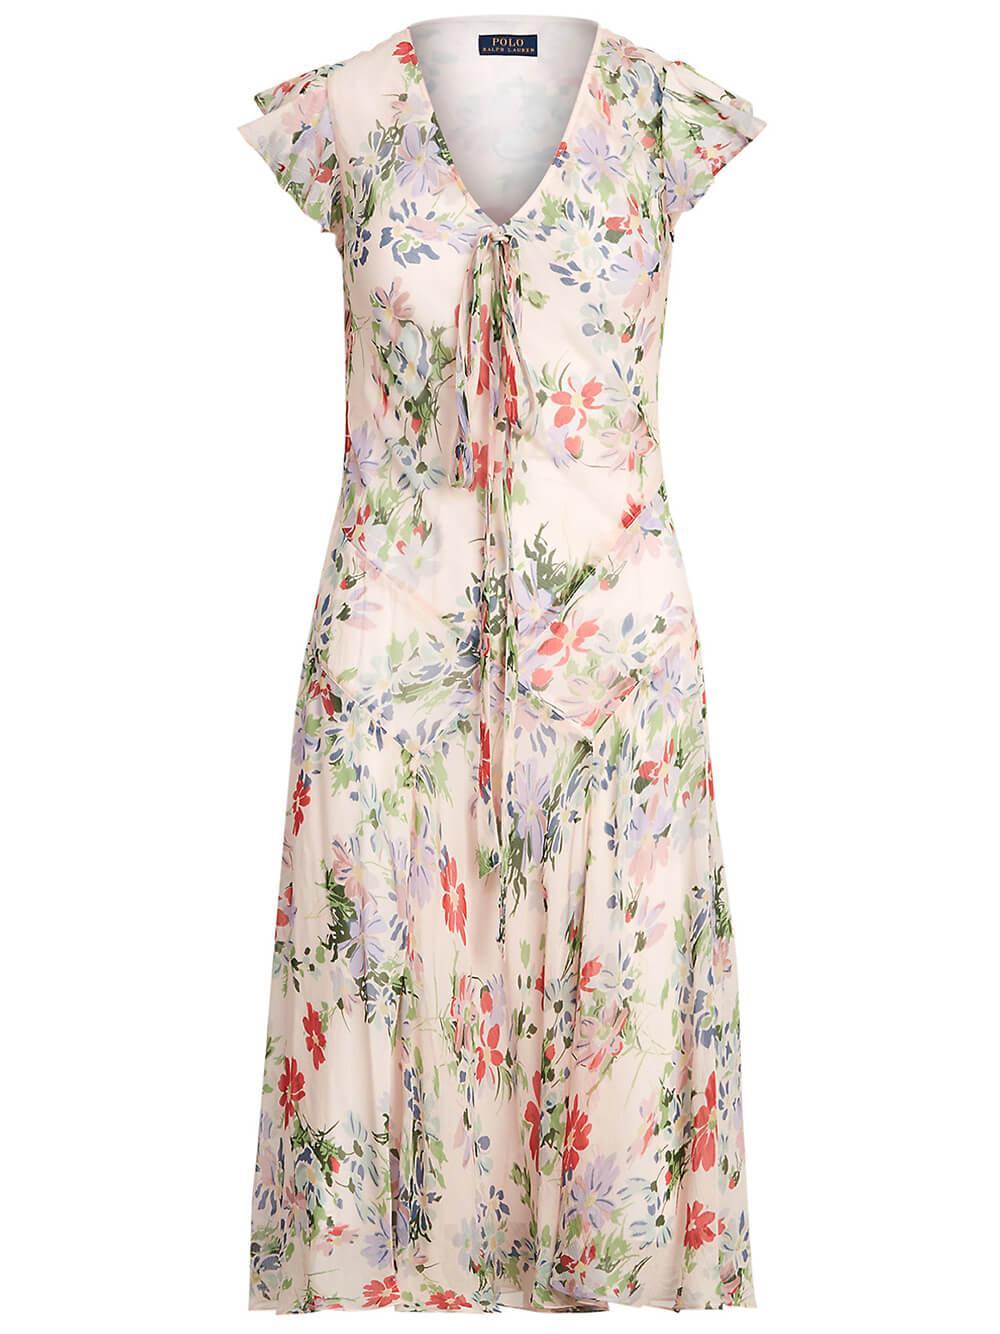 Arina Floral Dress Item # 211837986001